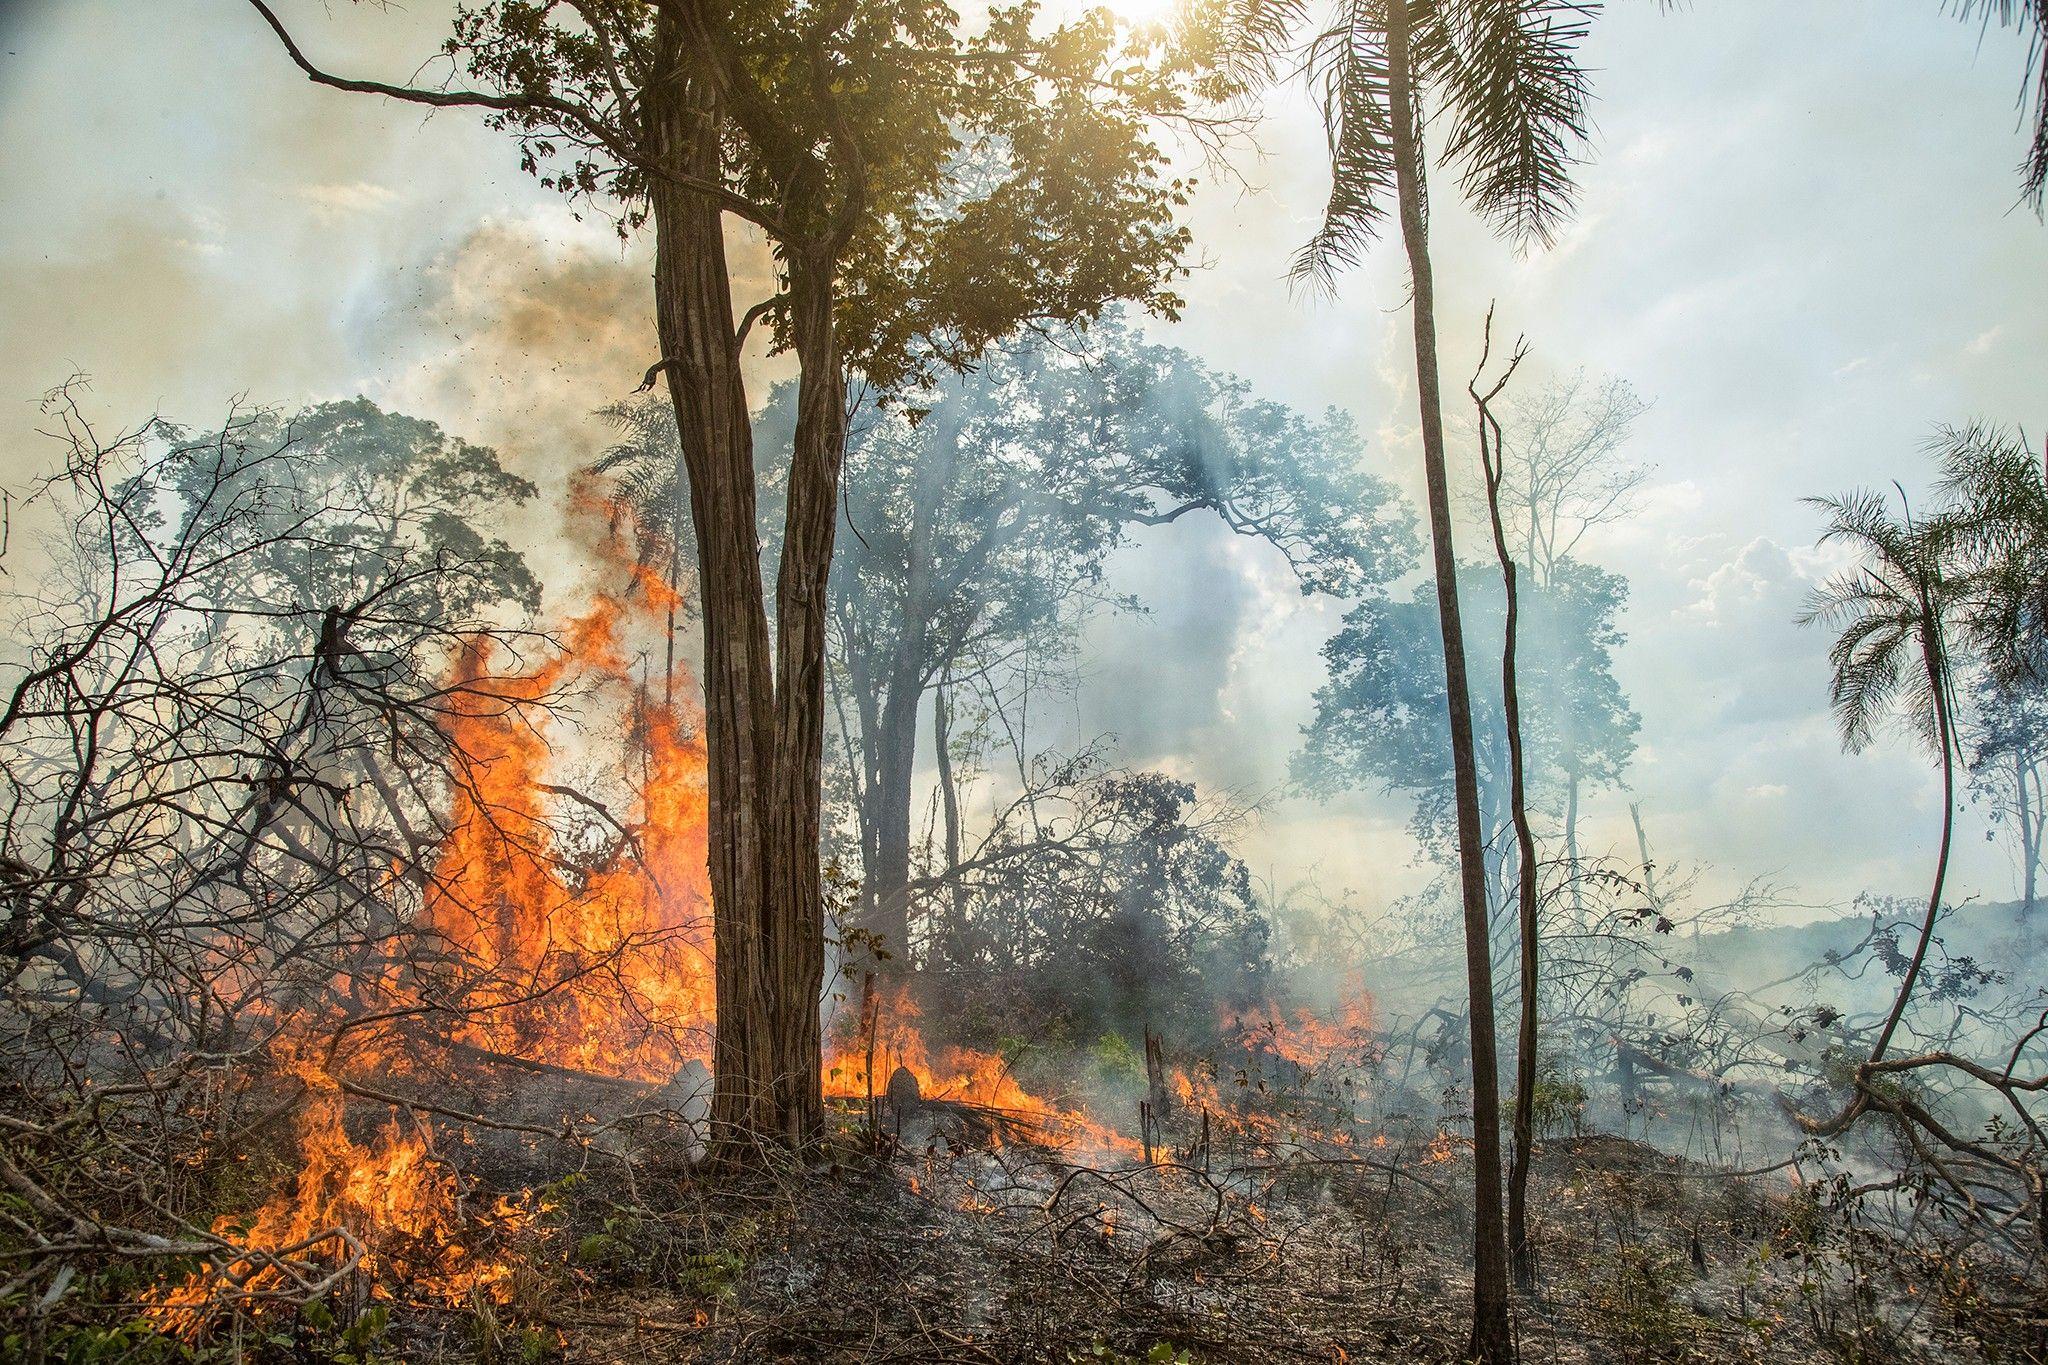 Antigos fazendeiros queimavam a Amazônia, mas os incêndios de hoje são muito diferentes | National Geographic